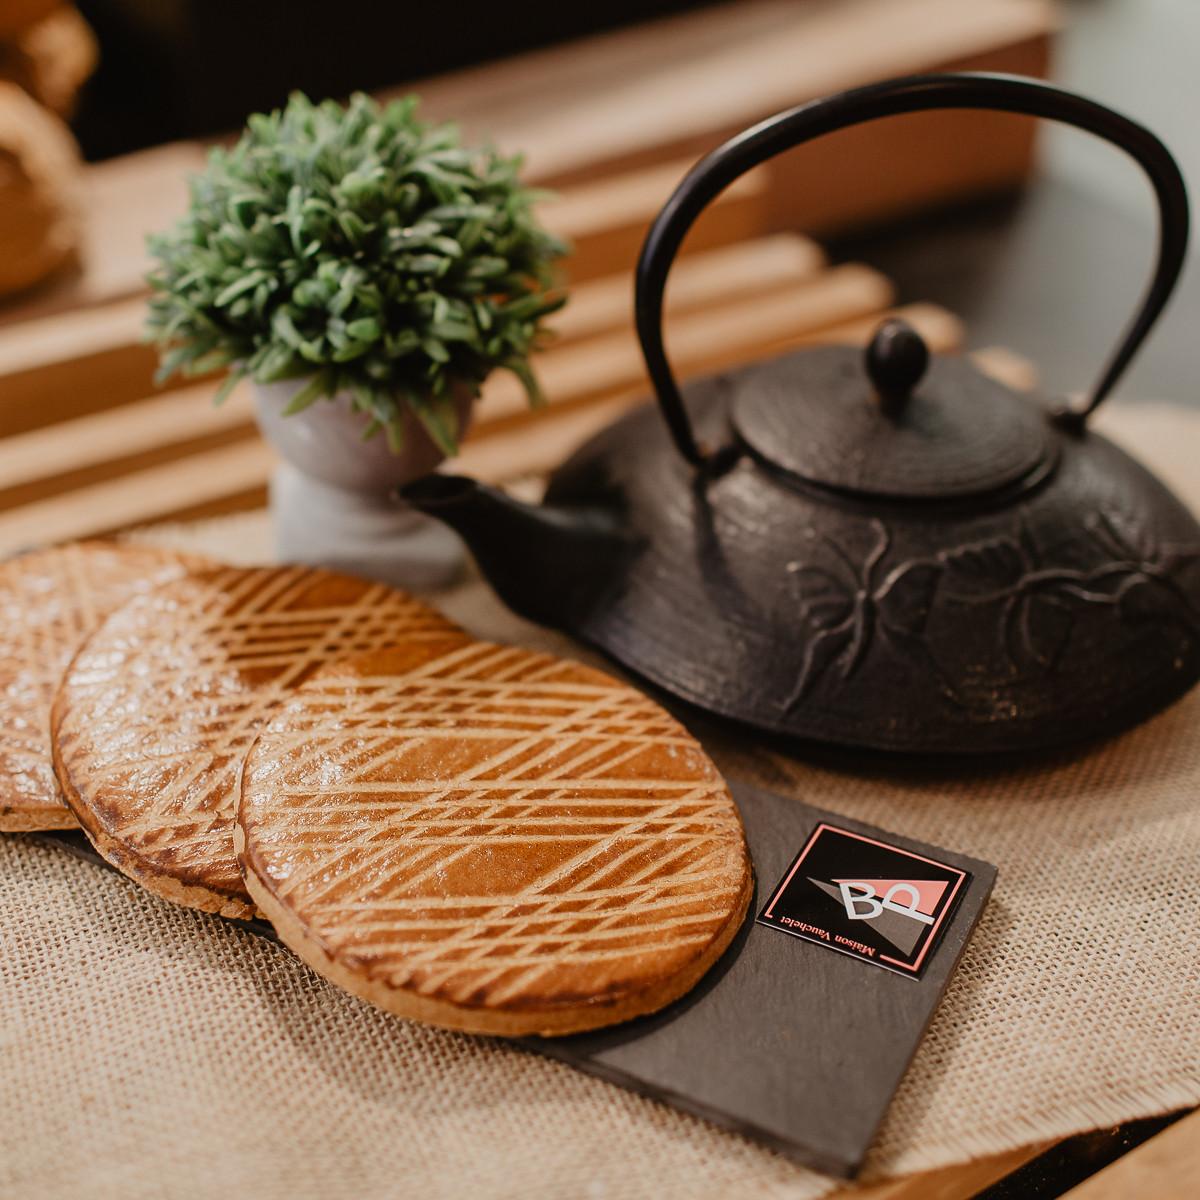 manuella-aubin-photographies-la-boulangerie-du-port-produits-7371